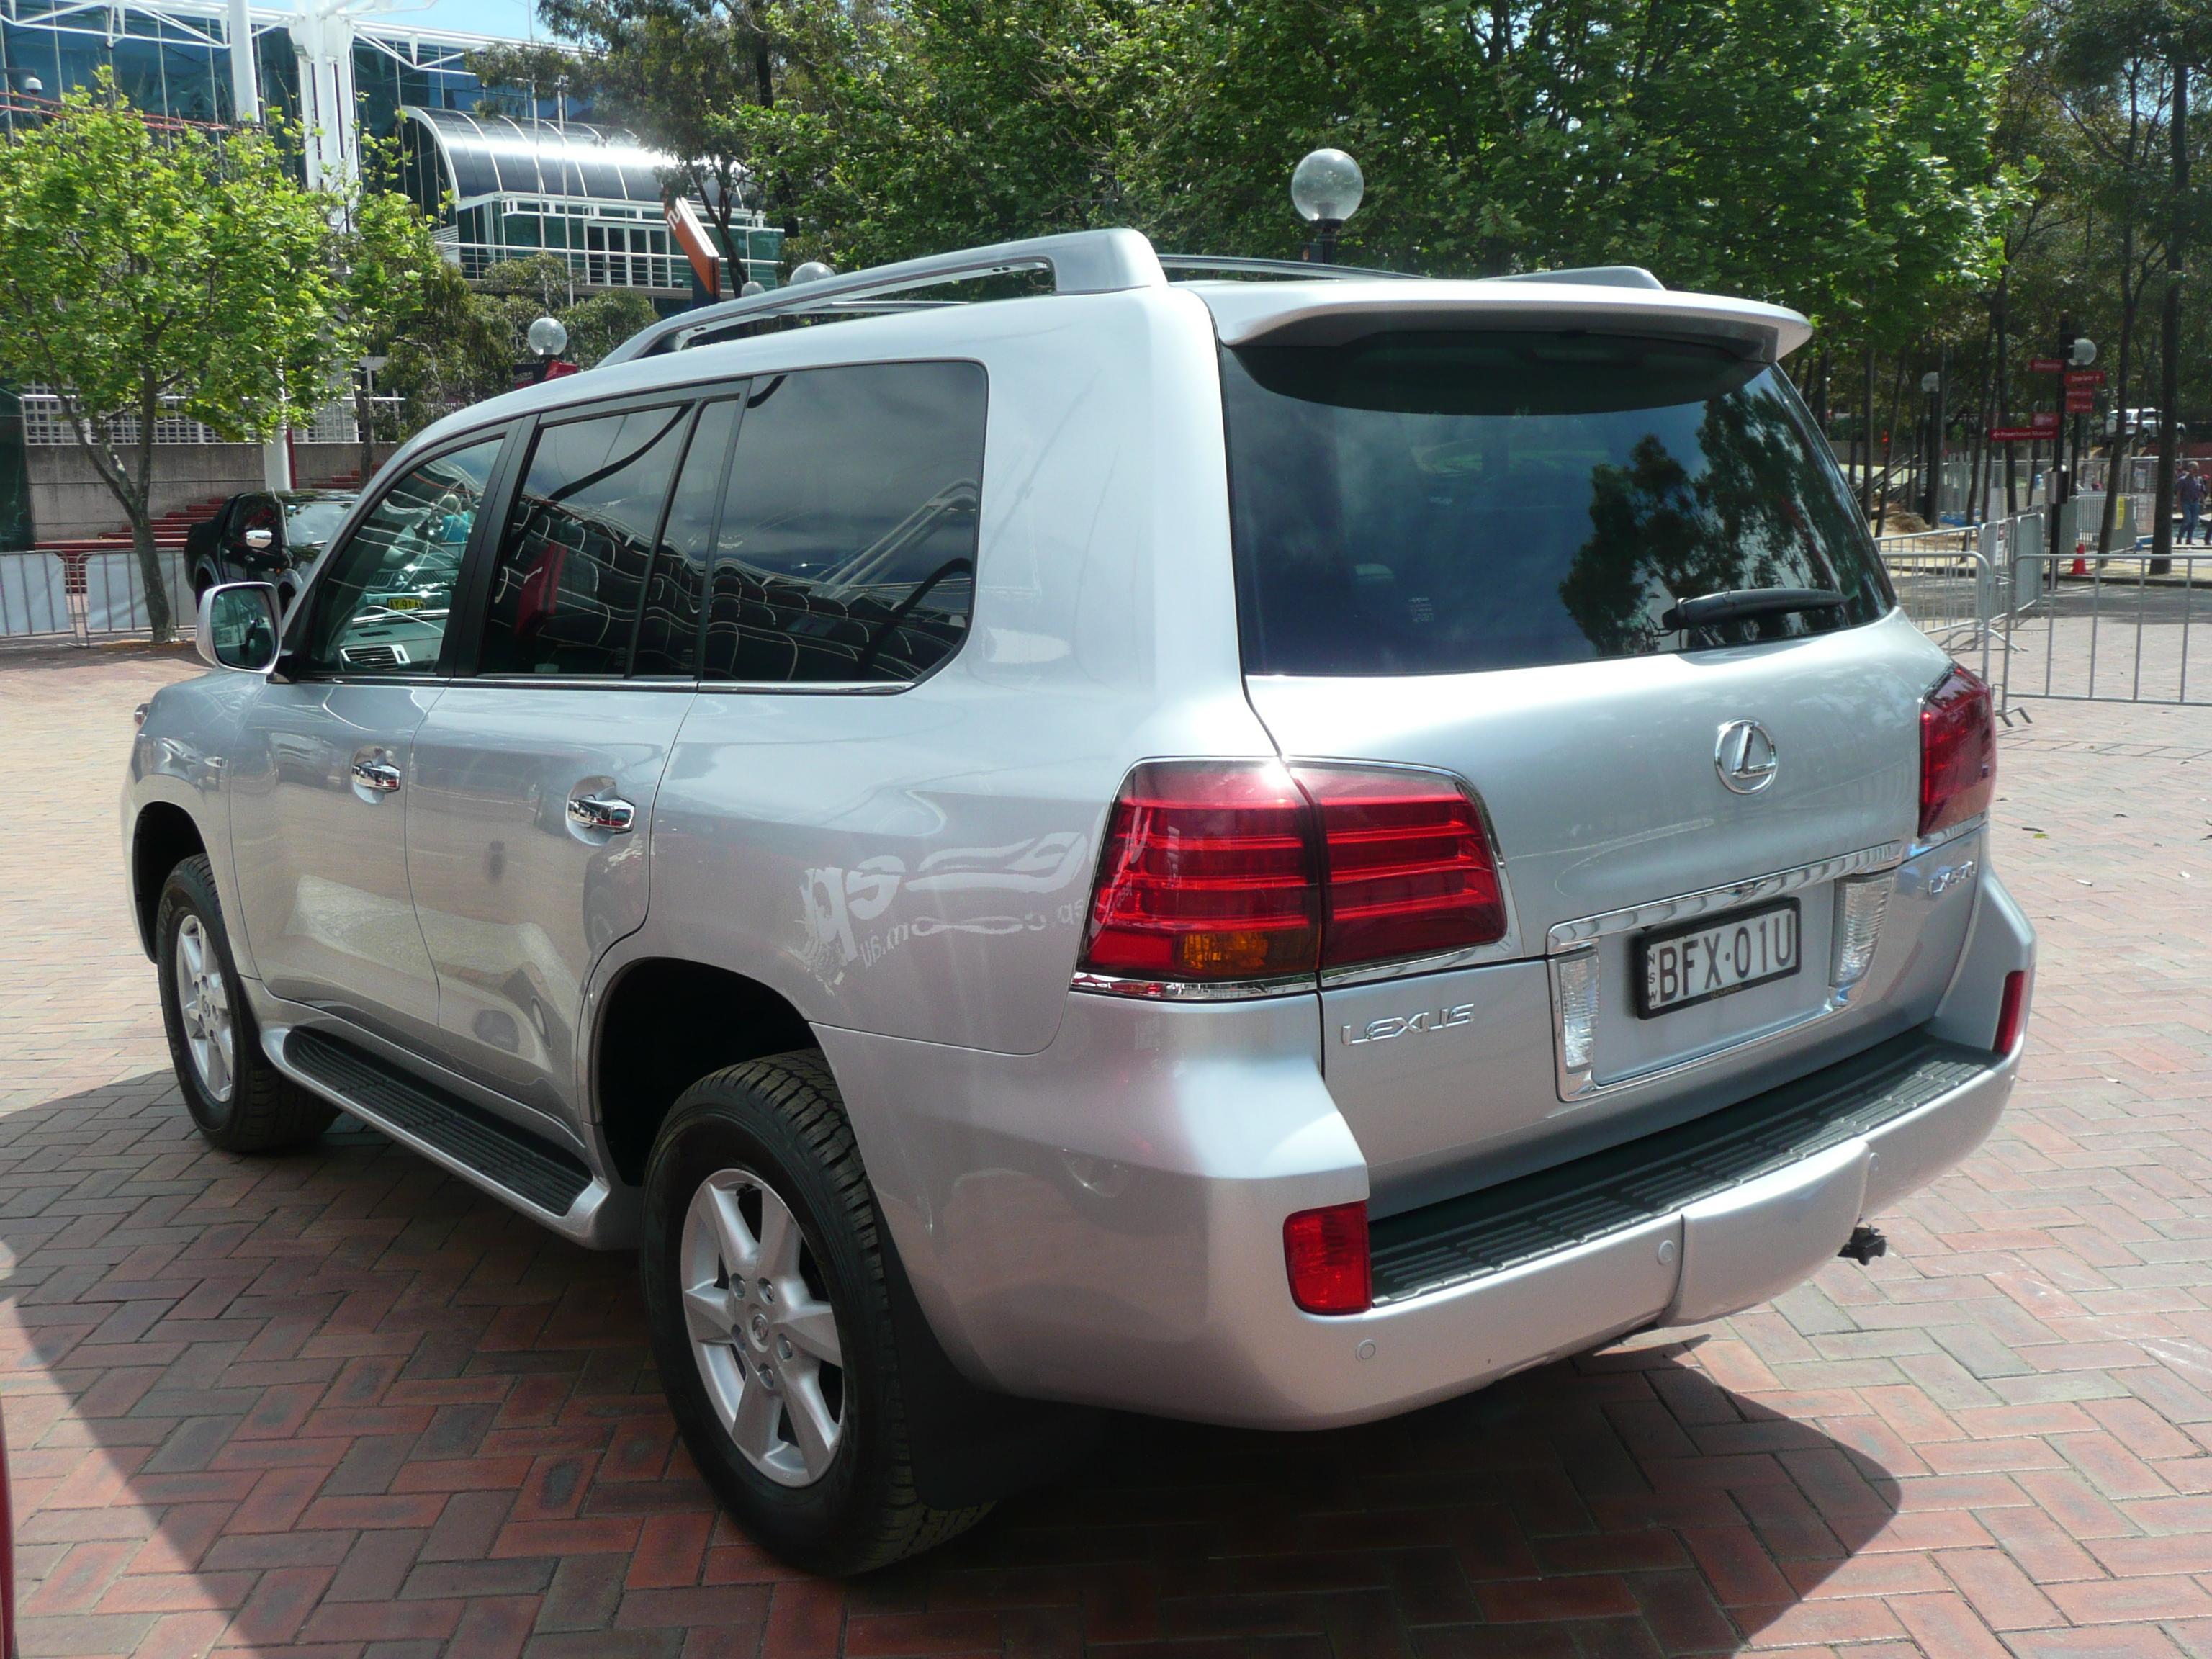 https://upload.wikimedia.org/wikipedia/commons/3/38/2008_Lexus_LX_570_%28URJ201R%29_Prestige_wagon_06.jpg